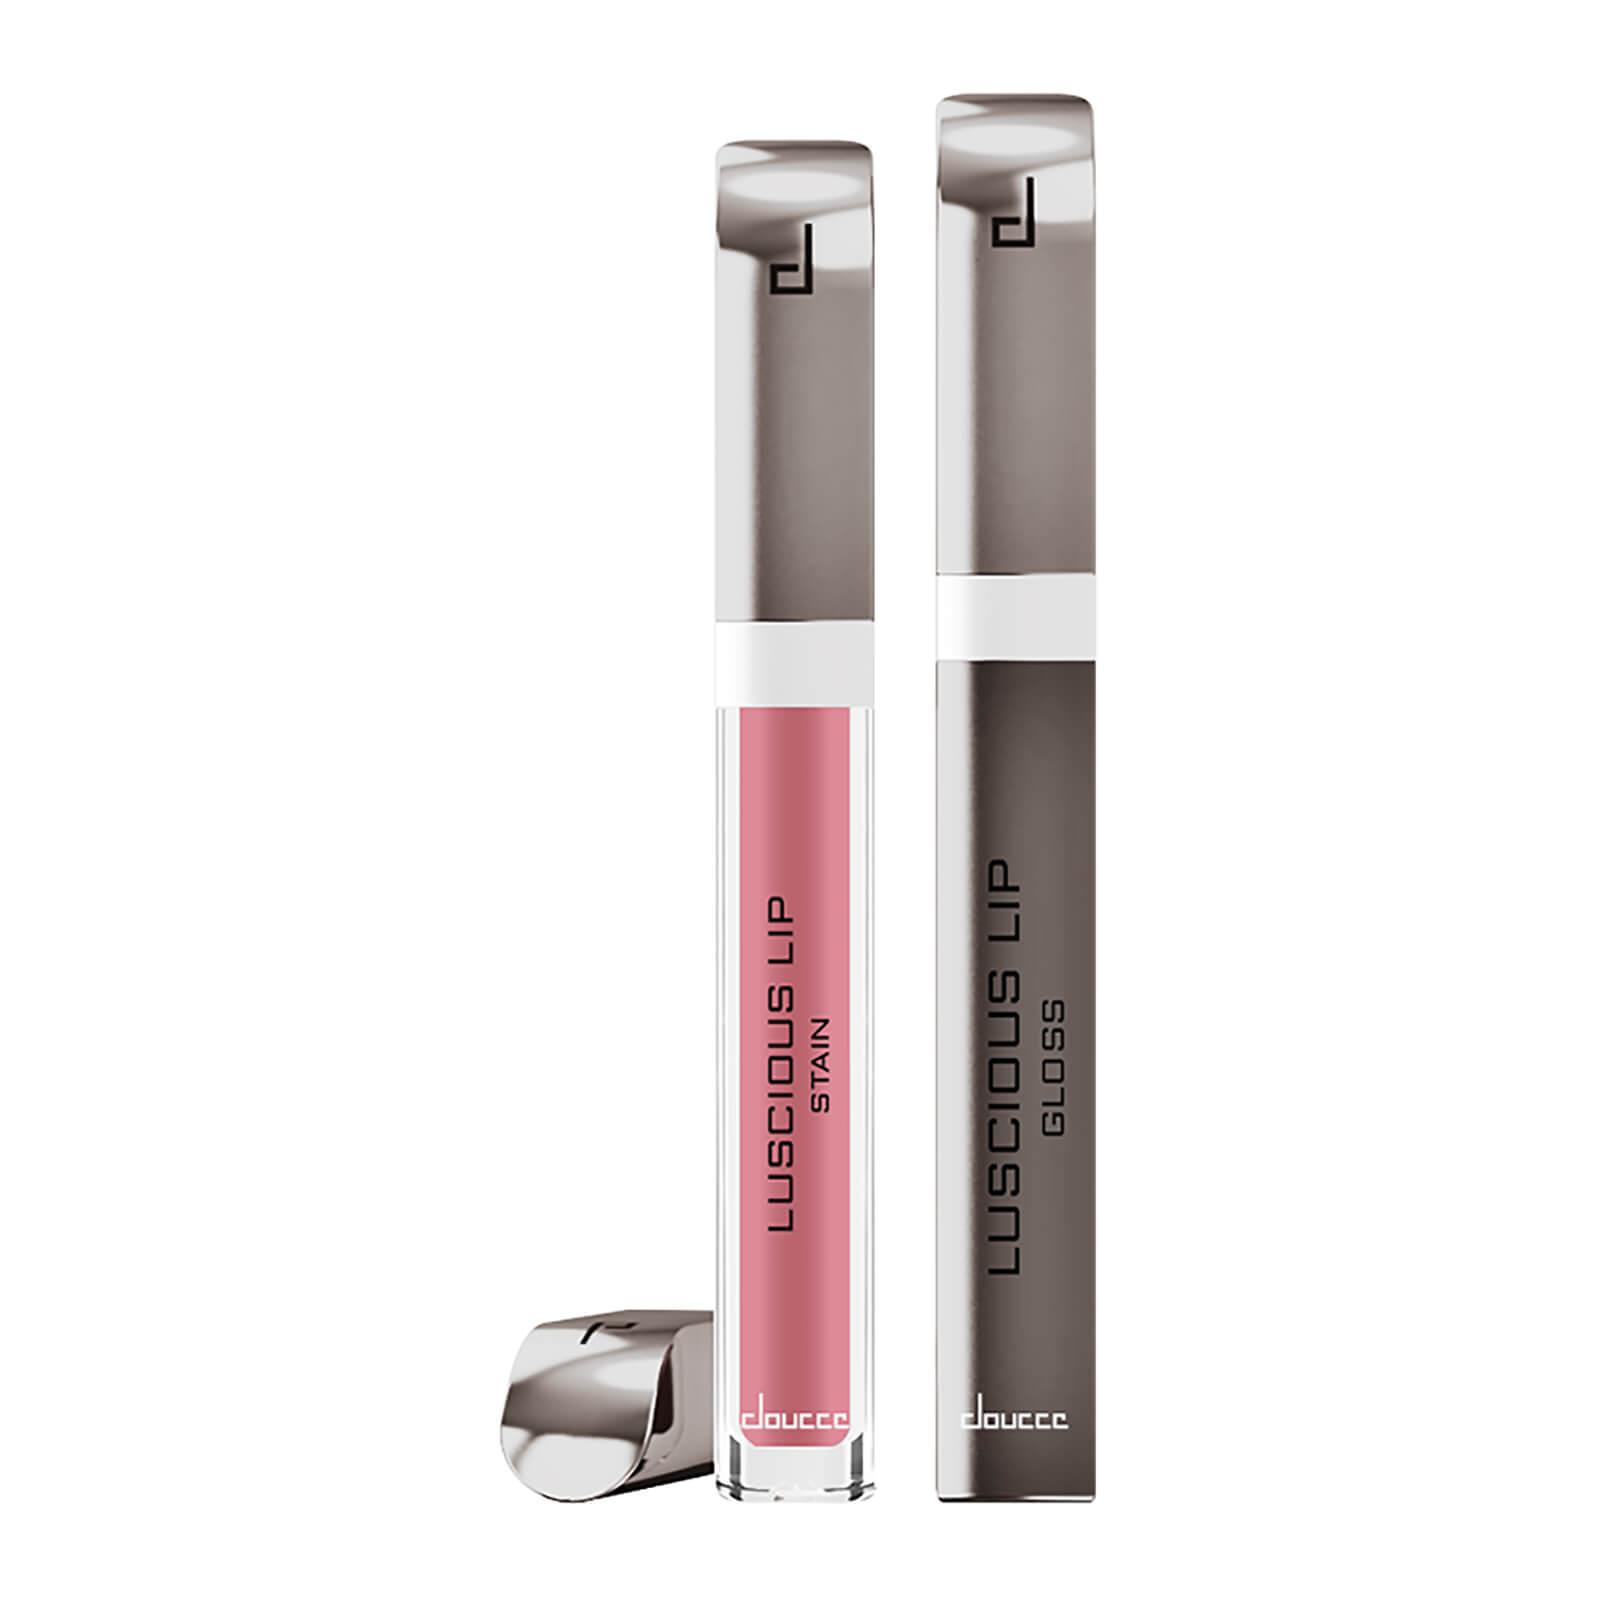 Купить Стойкая матовая жидкая губная помада и блеск для губ doucce Luscious Lip Stain 6г (различные оттенки) - Pinky Sky (604)